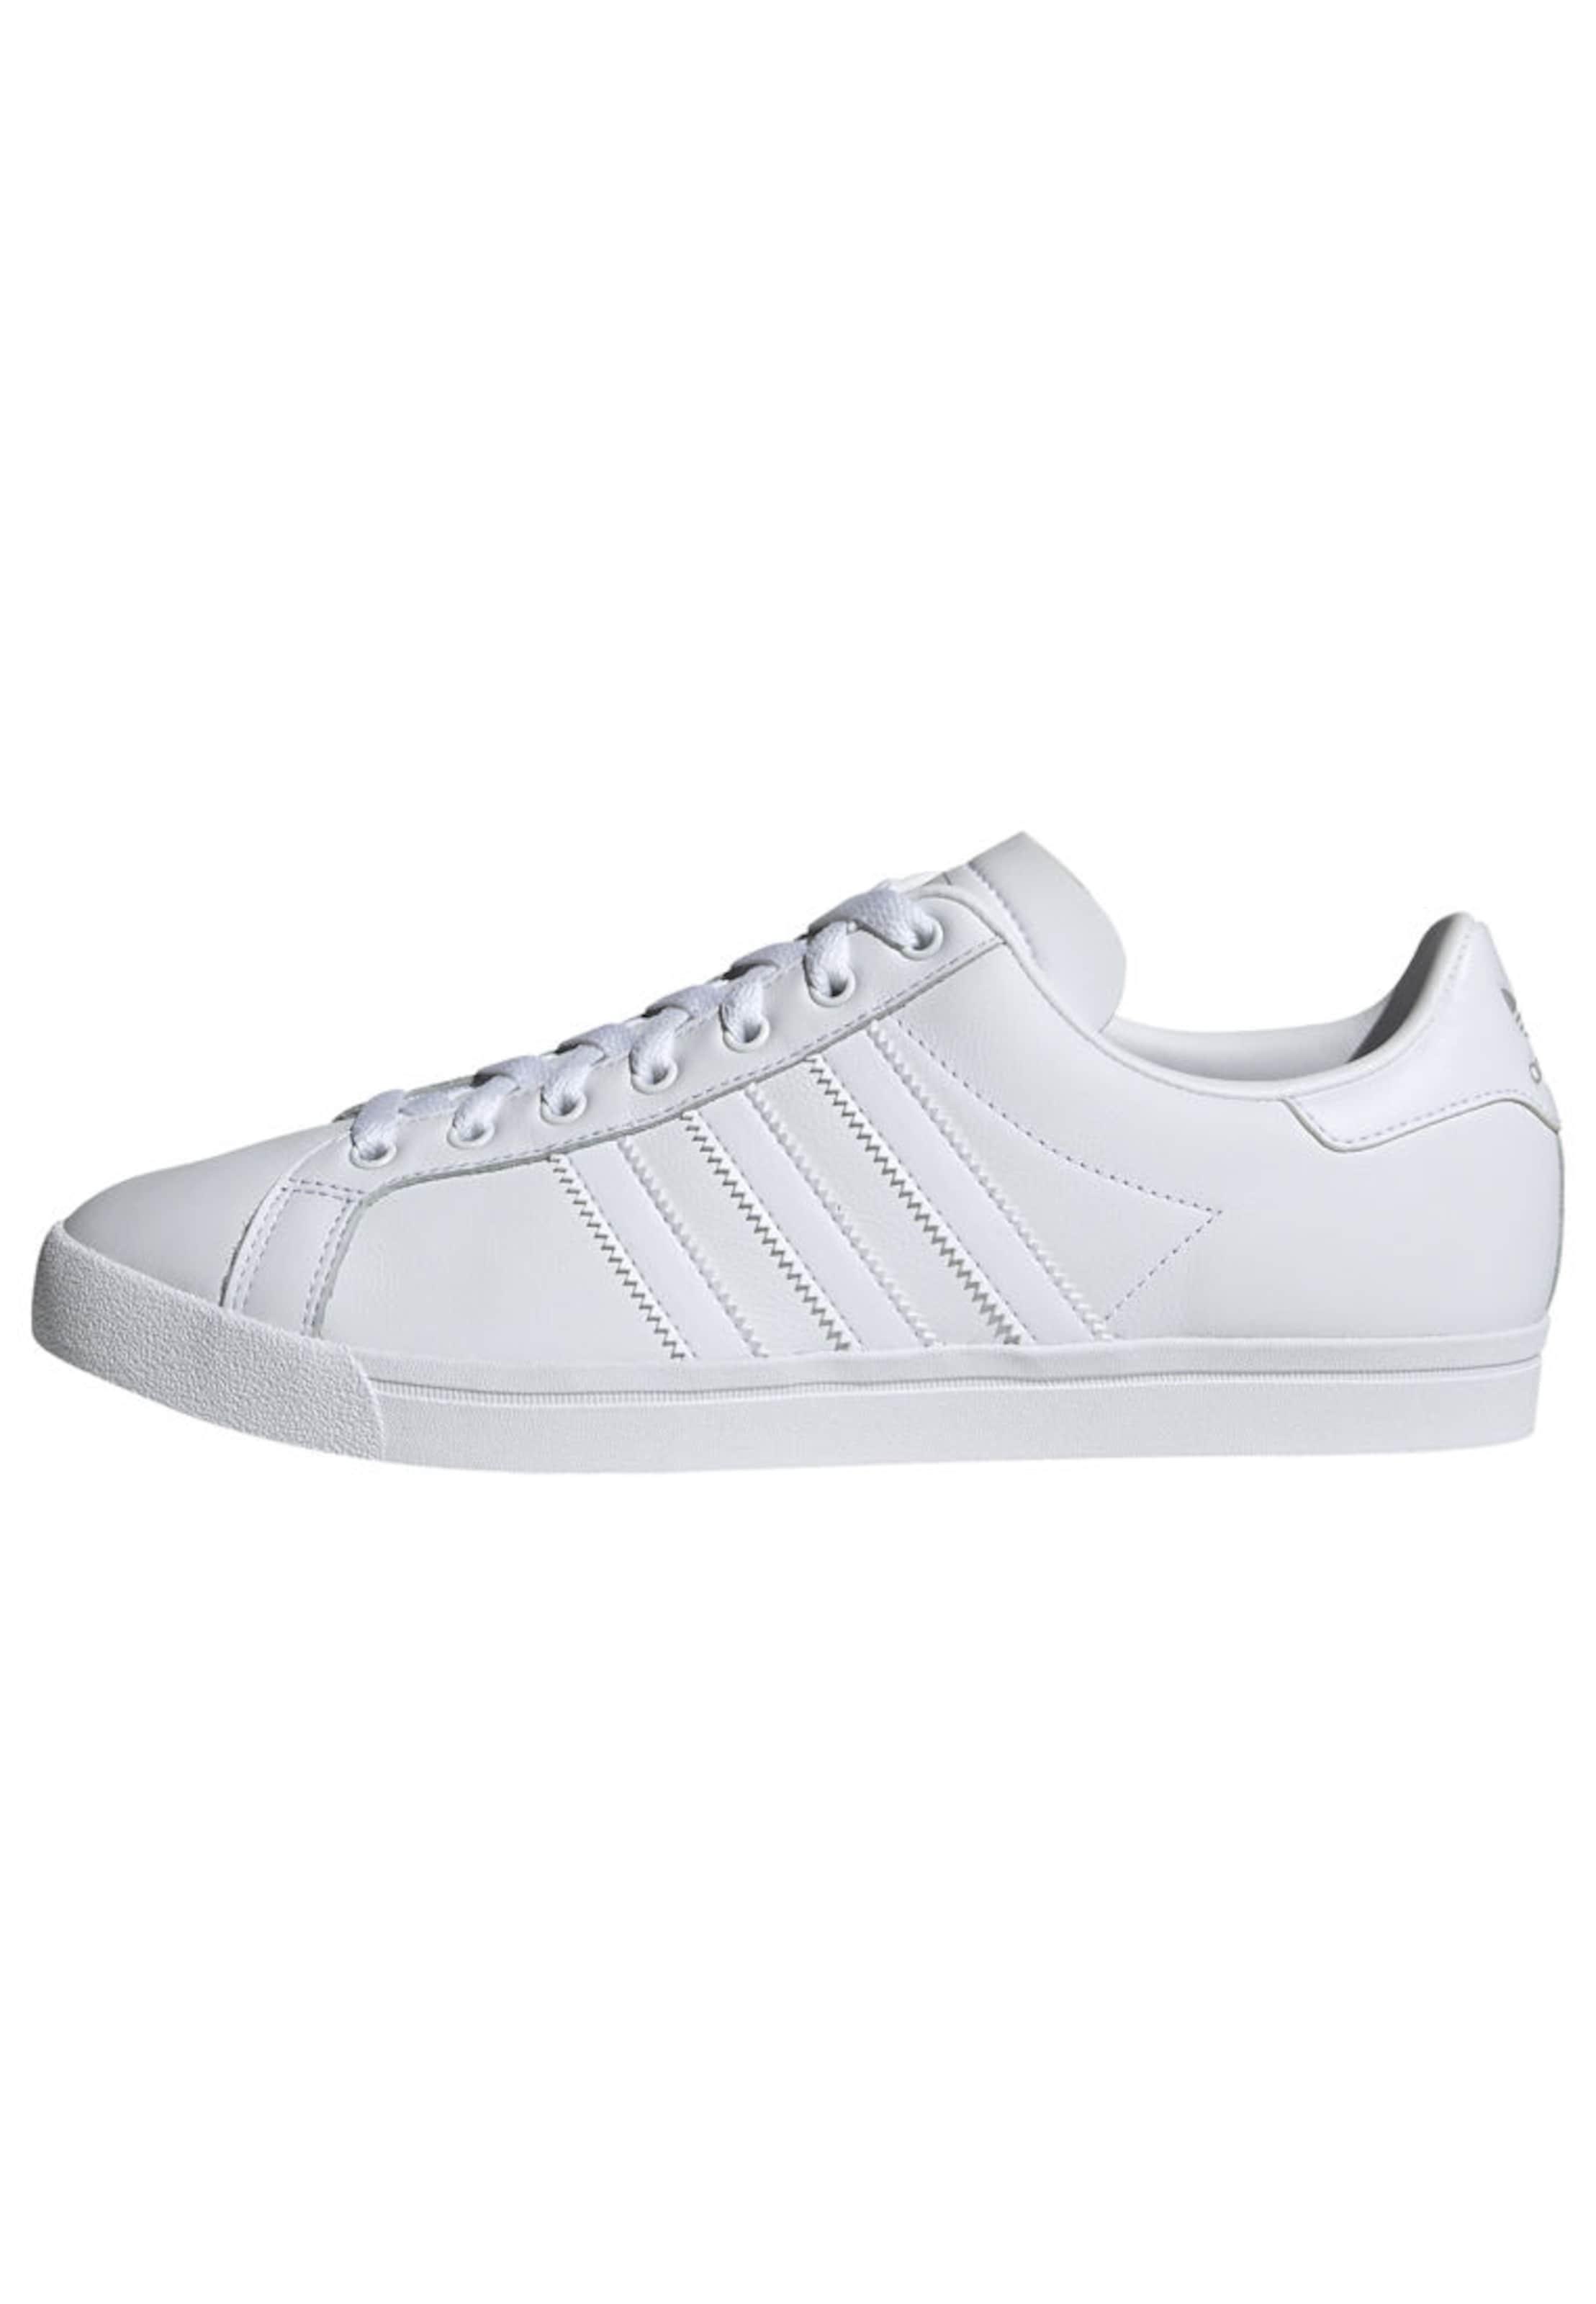 Weiß Adidas Star' Originals In 'coast Schuh sdthCrQ